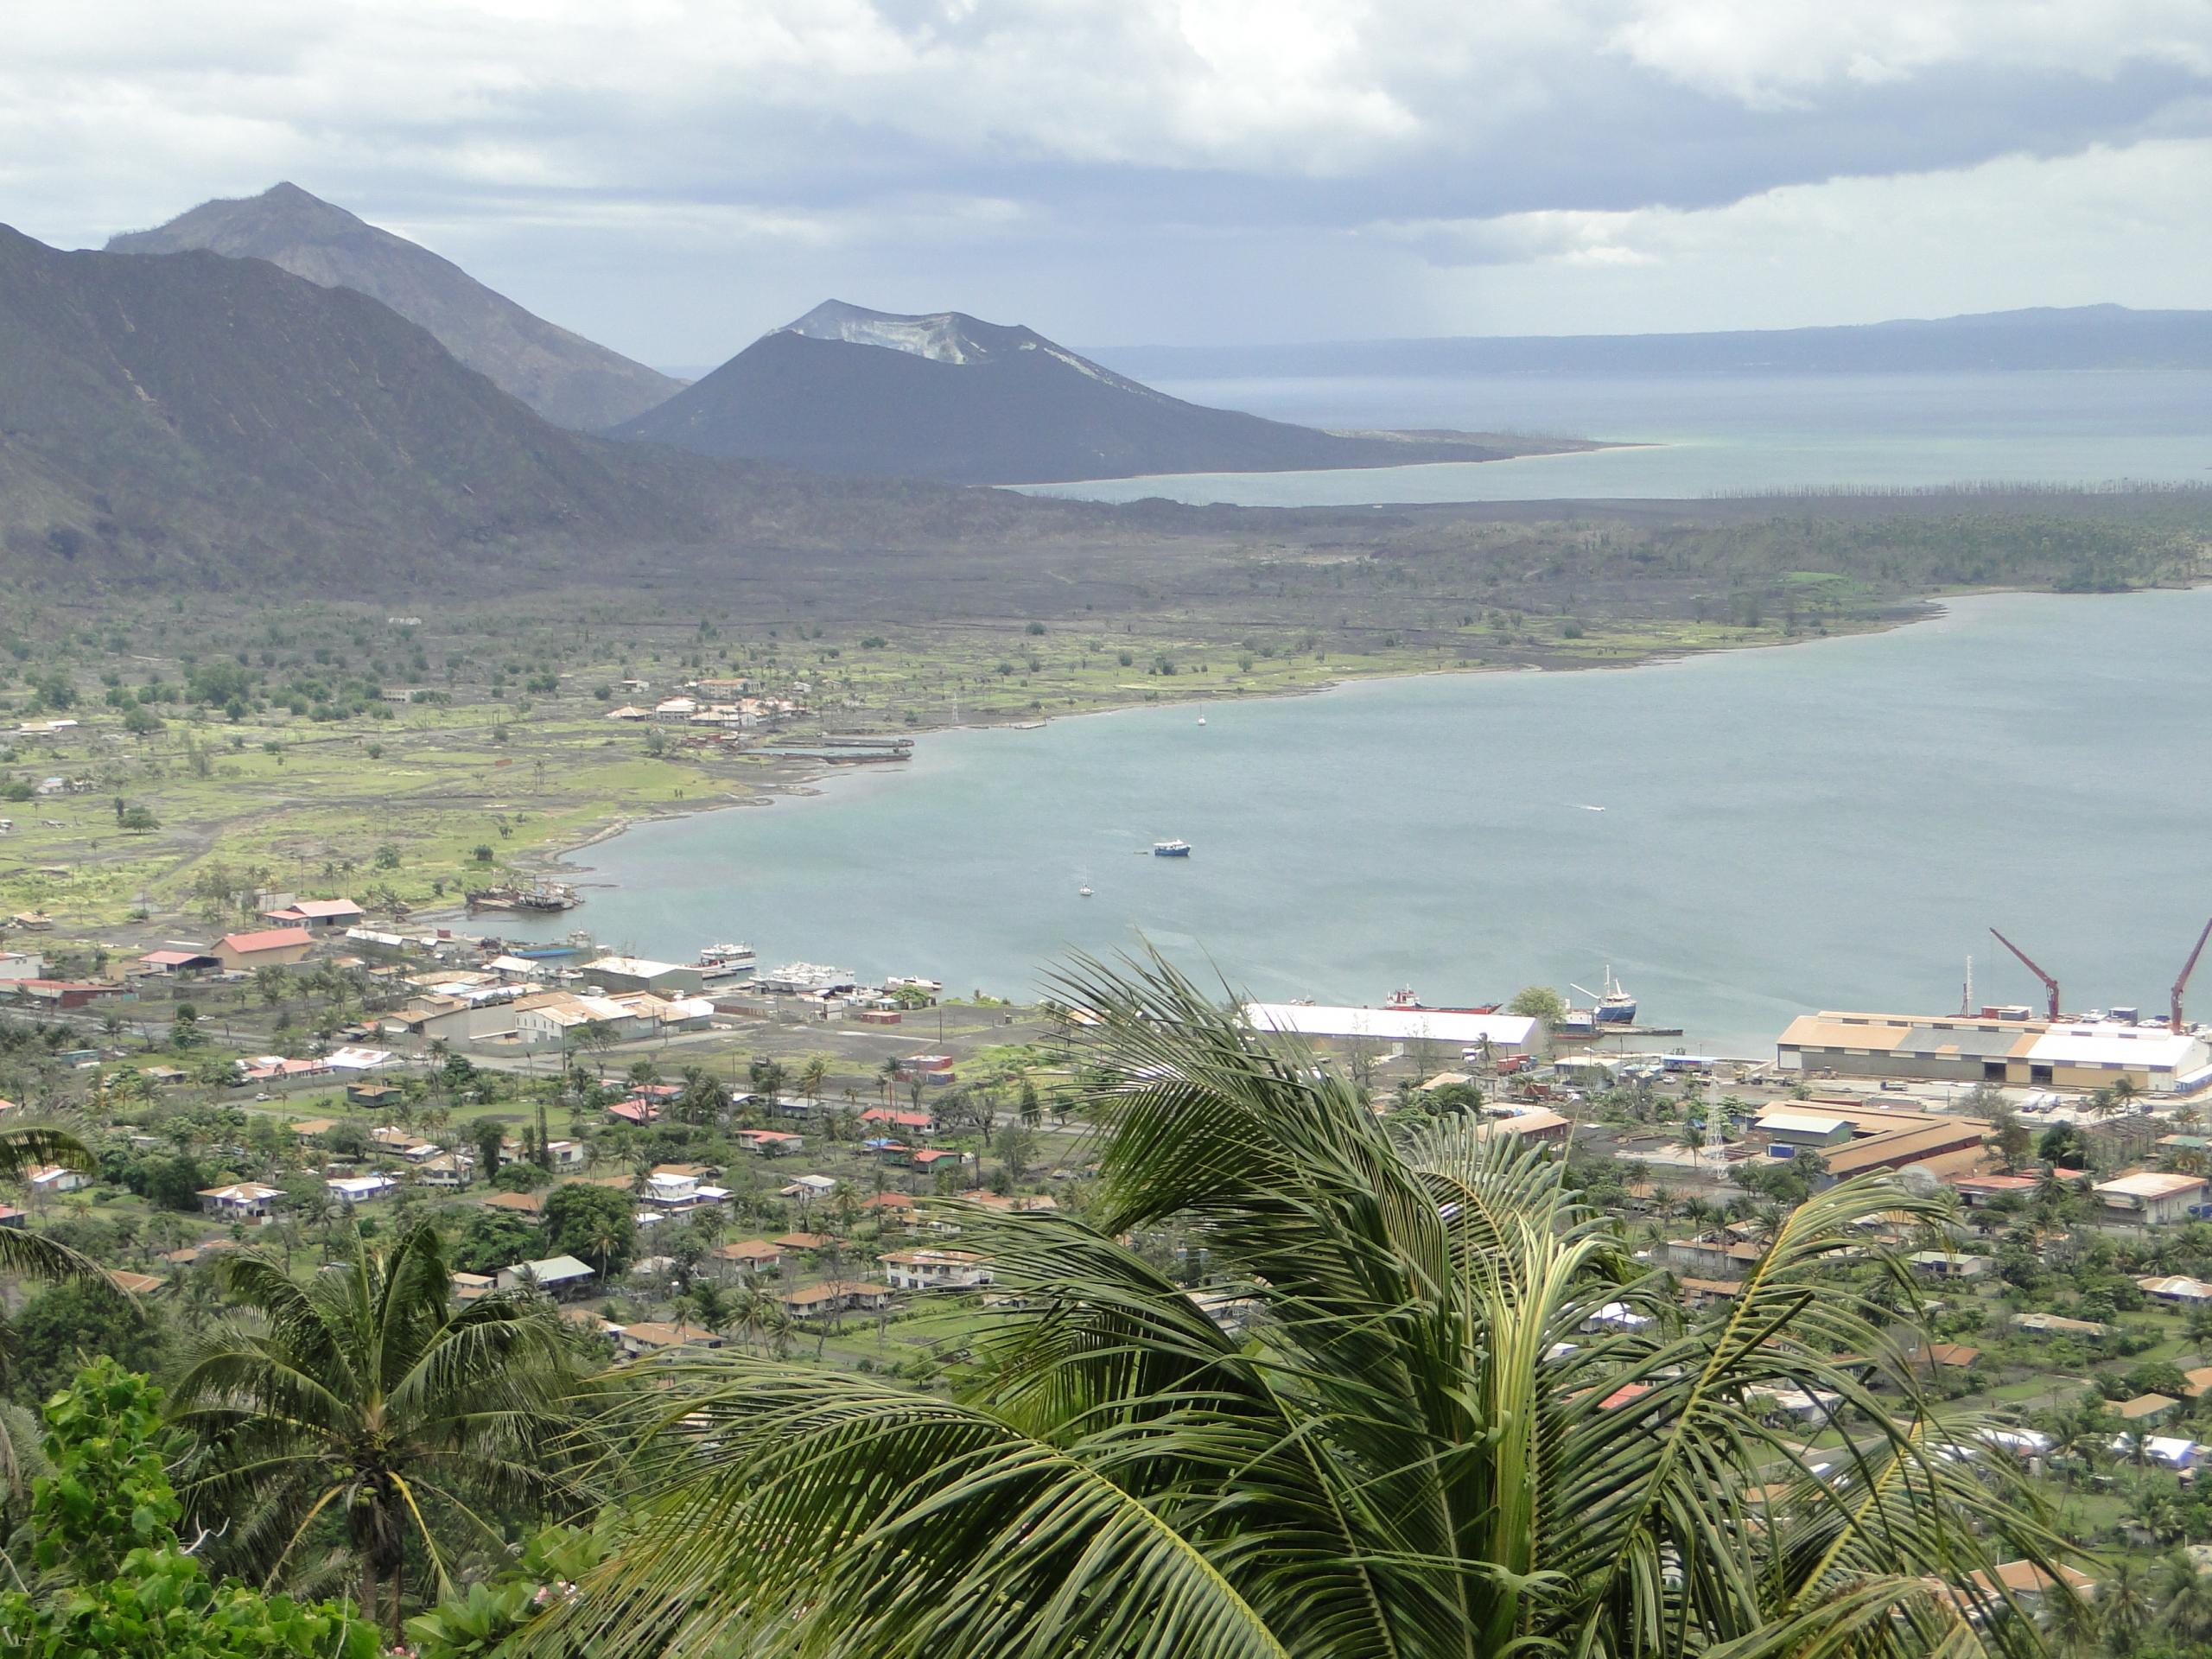 Rabaul Harbour & Volcanoes